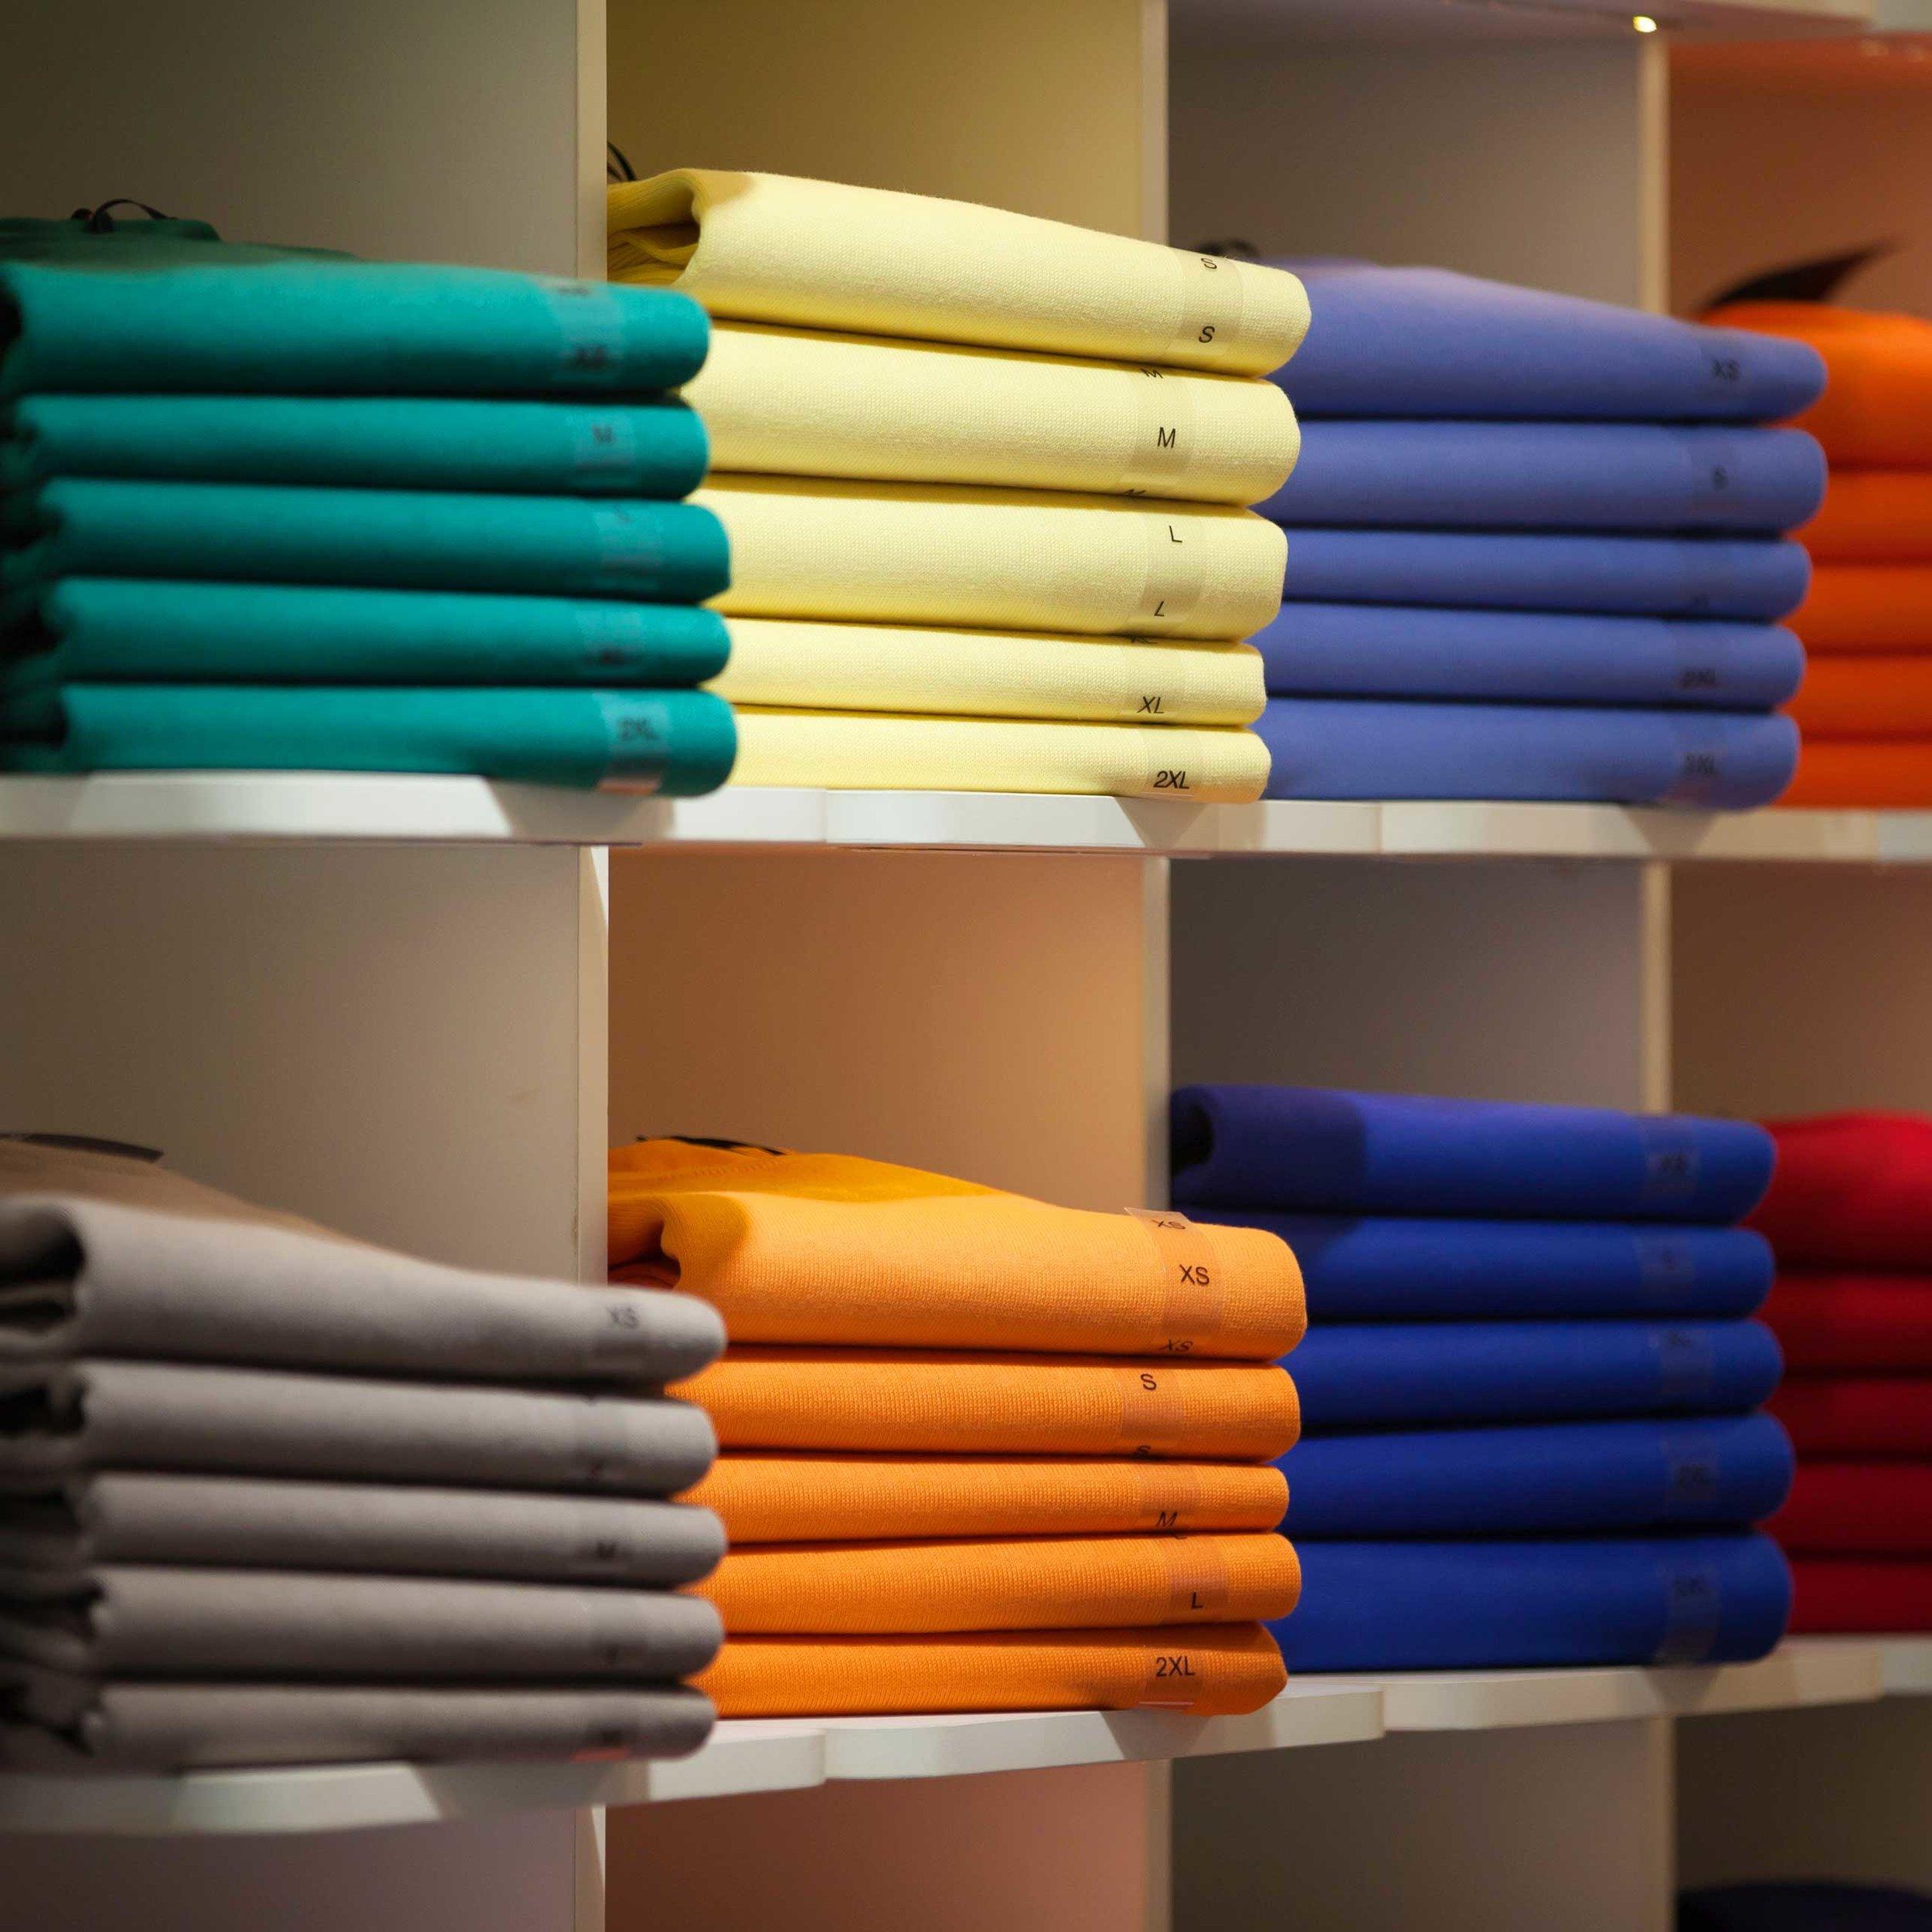 Oletko suunnittelija? Onko sinulla on oma tuotemerkki? - Tarvitsetko tuotemerkillesi muodikkaita ja ekologisia vaatteita?Oletko suunnittelemassa omaa brändiä?